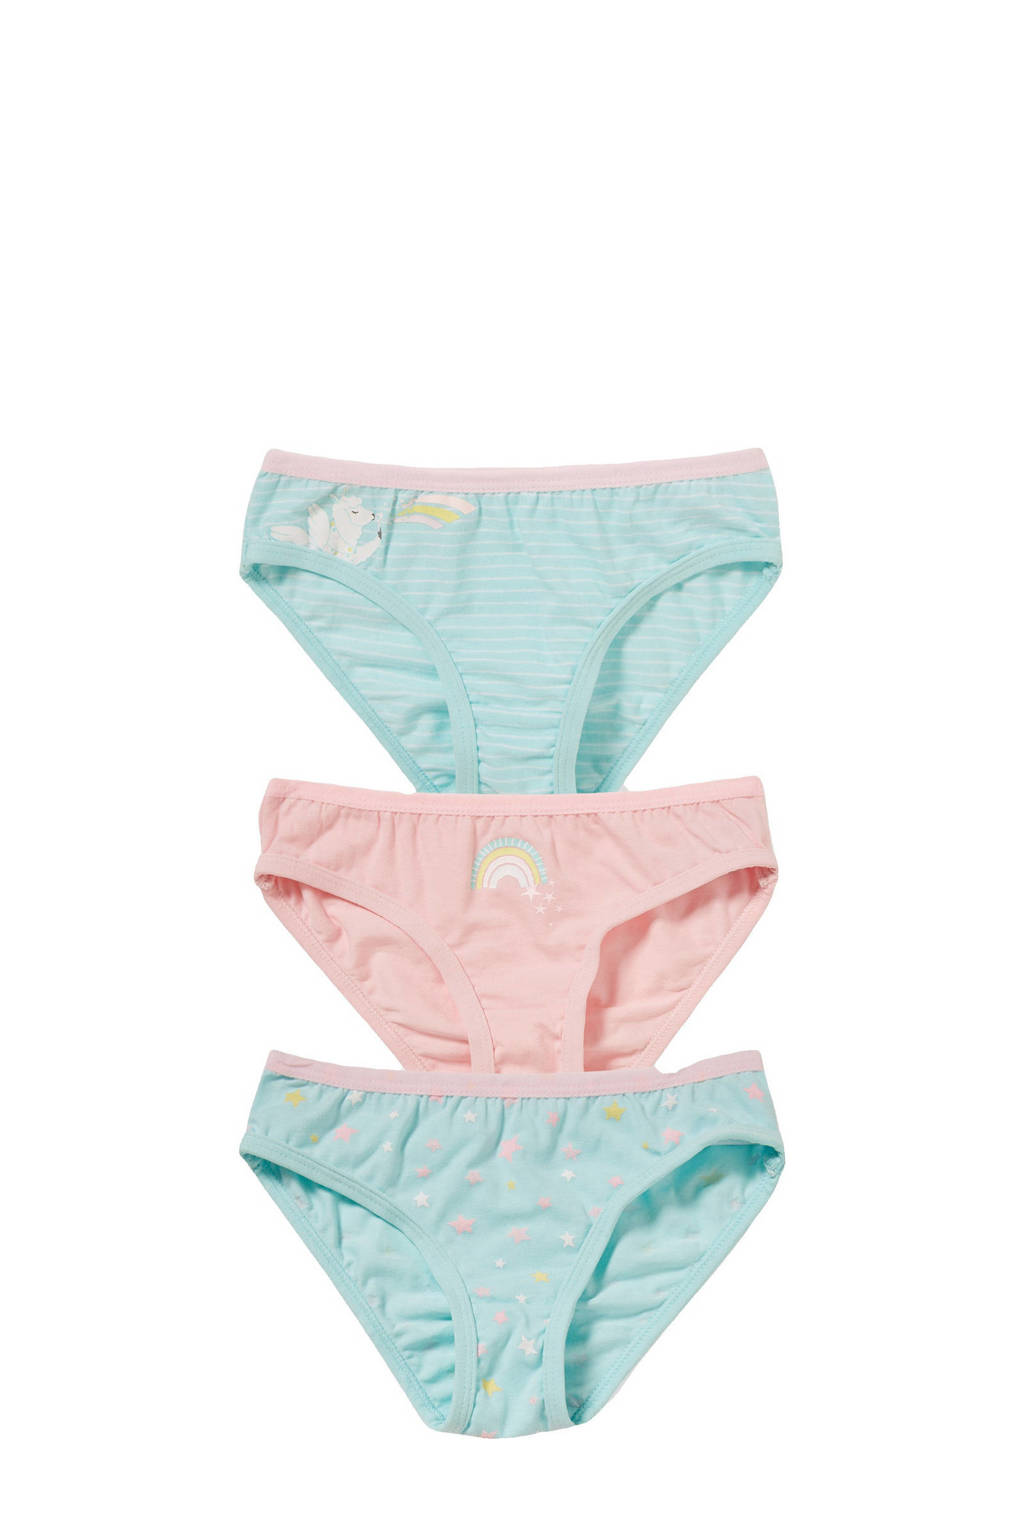 C&A Palomino slip - set van 3 all over print roze/groen, Roze/groen